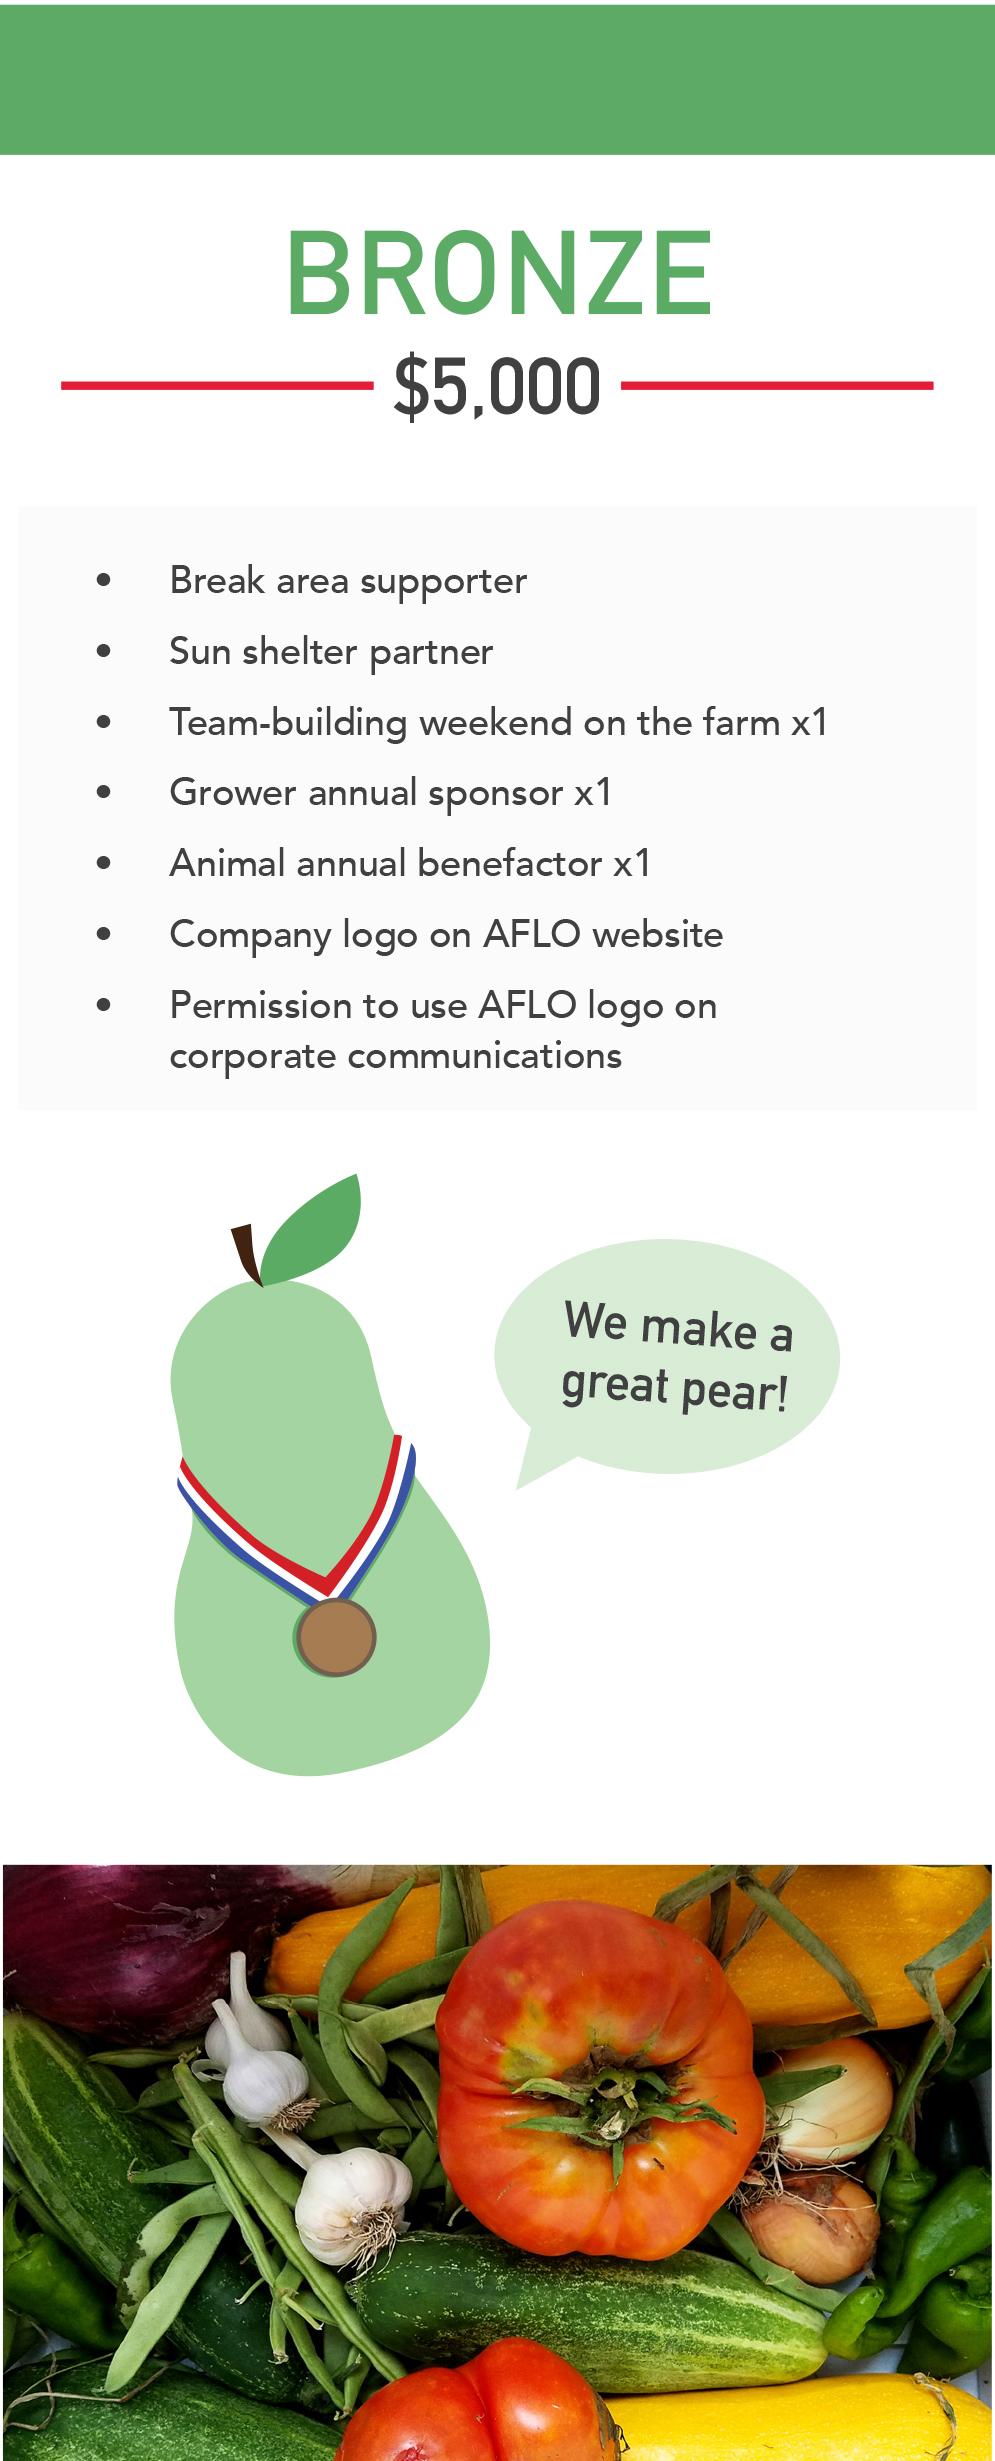 20190410_AFLO Brochure Bronze.jpg